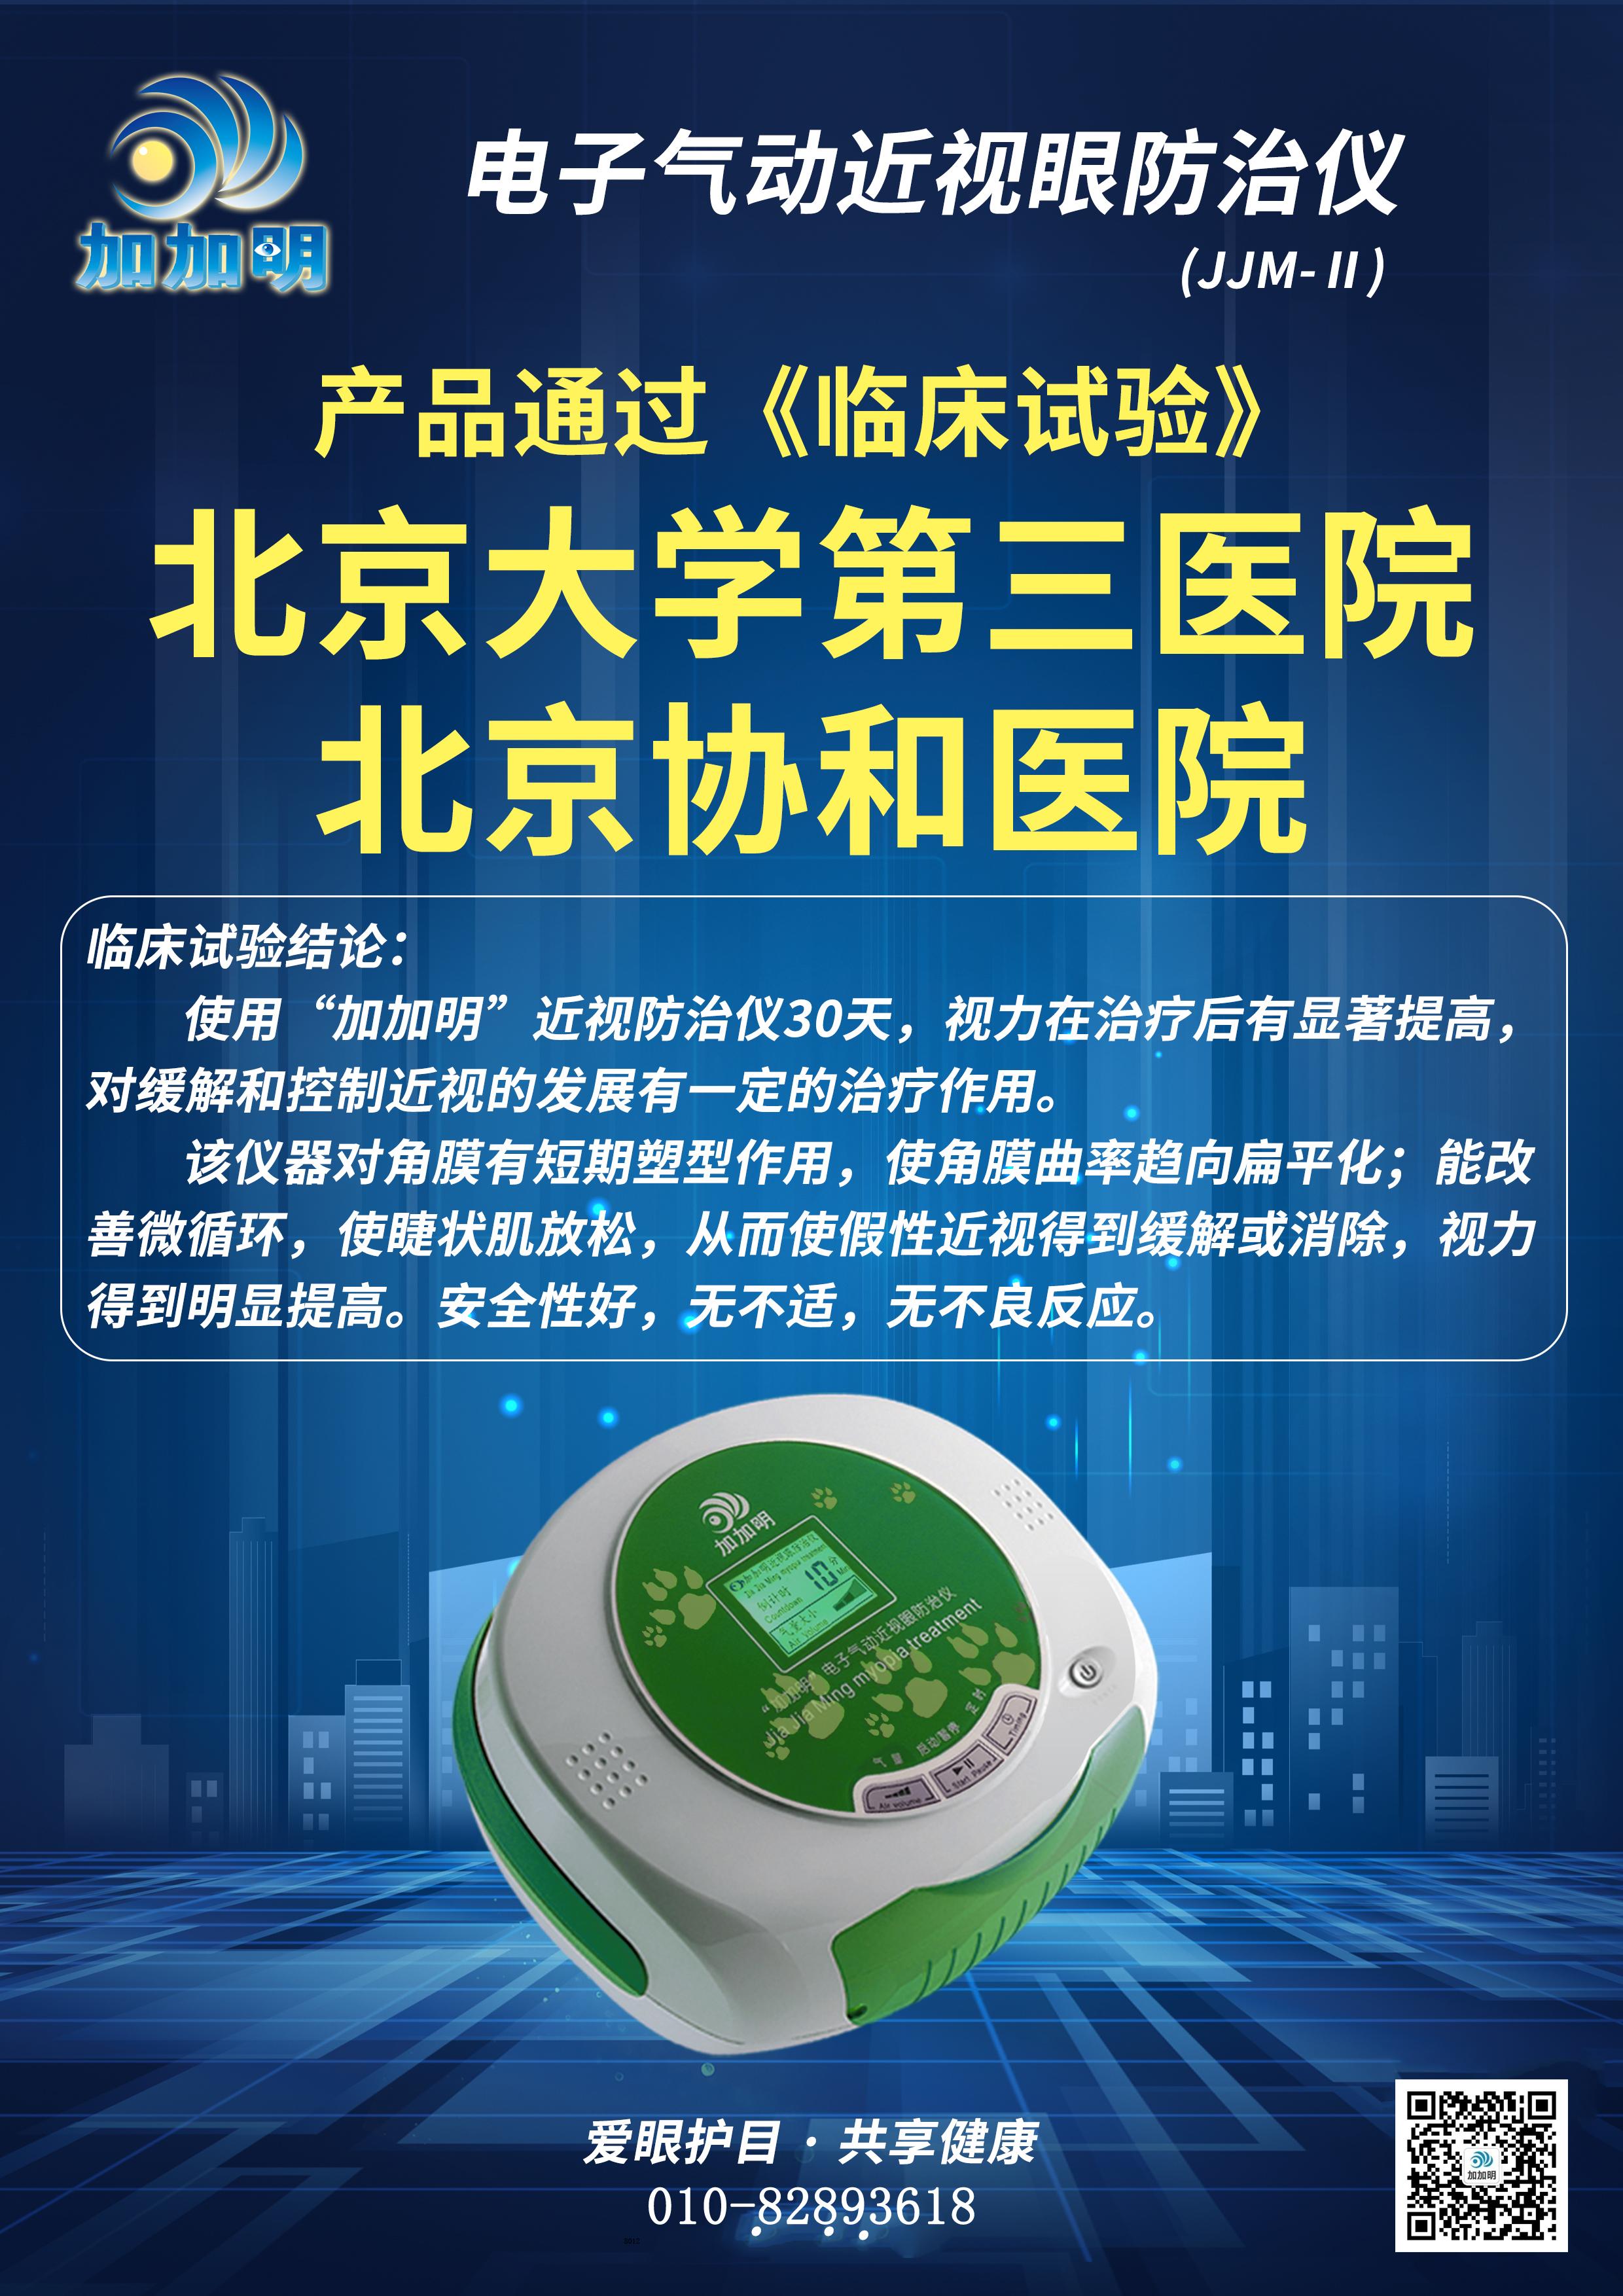 """5月31日我们将为""""中国机械进出口(集团)有限公司""""大型国企员工做近视防控科普讲座二个小时内,现场体验加加明"""